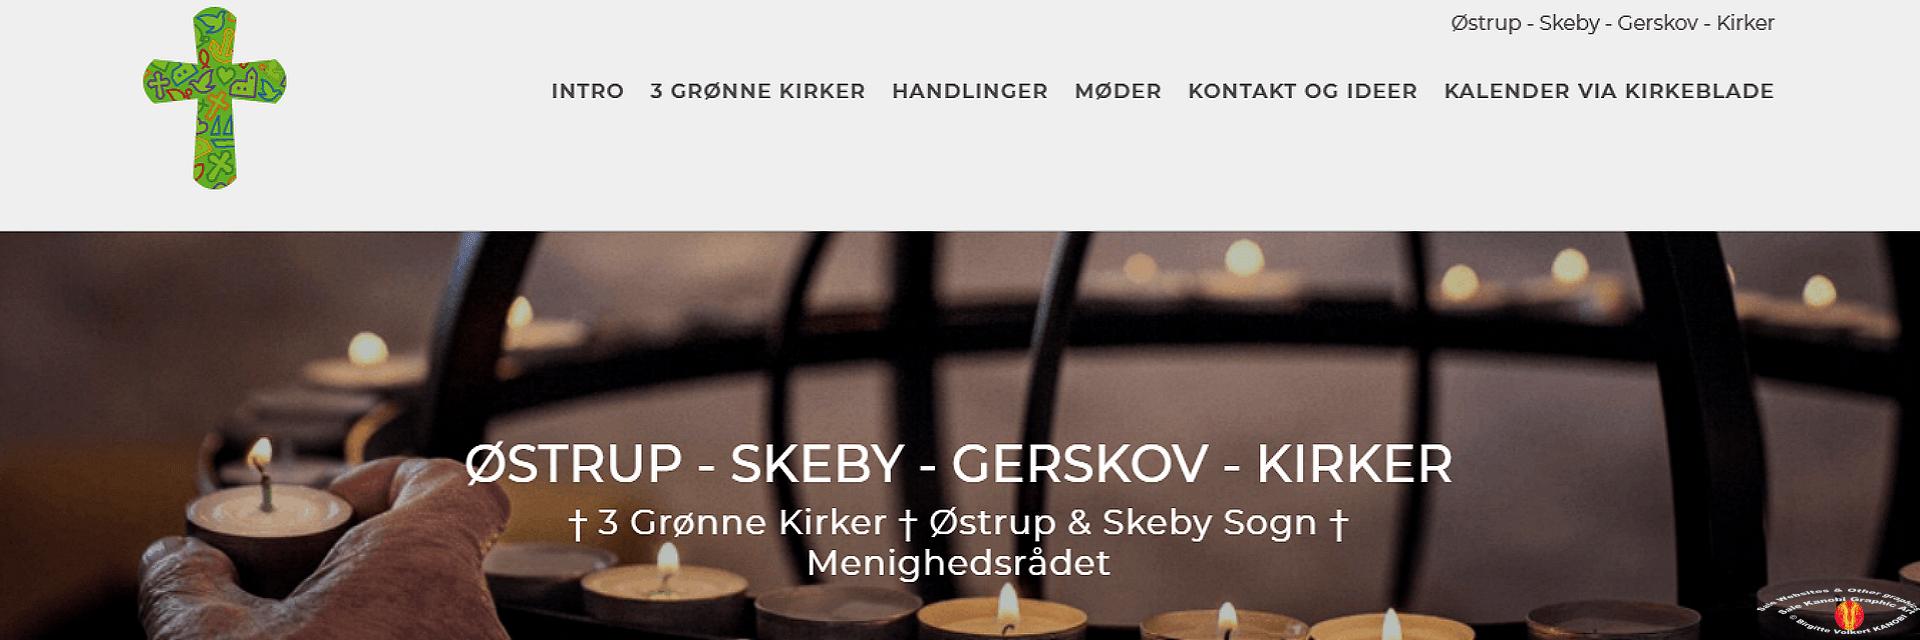 Link Østrup Skeby Gerskov Kirker Kanobi® frontpage screenprint.